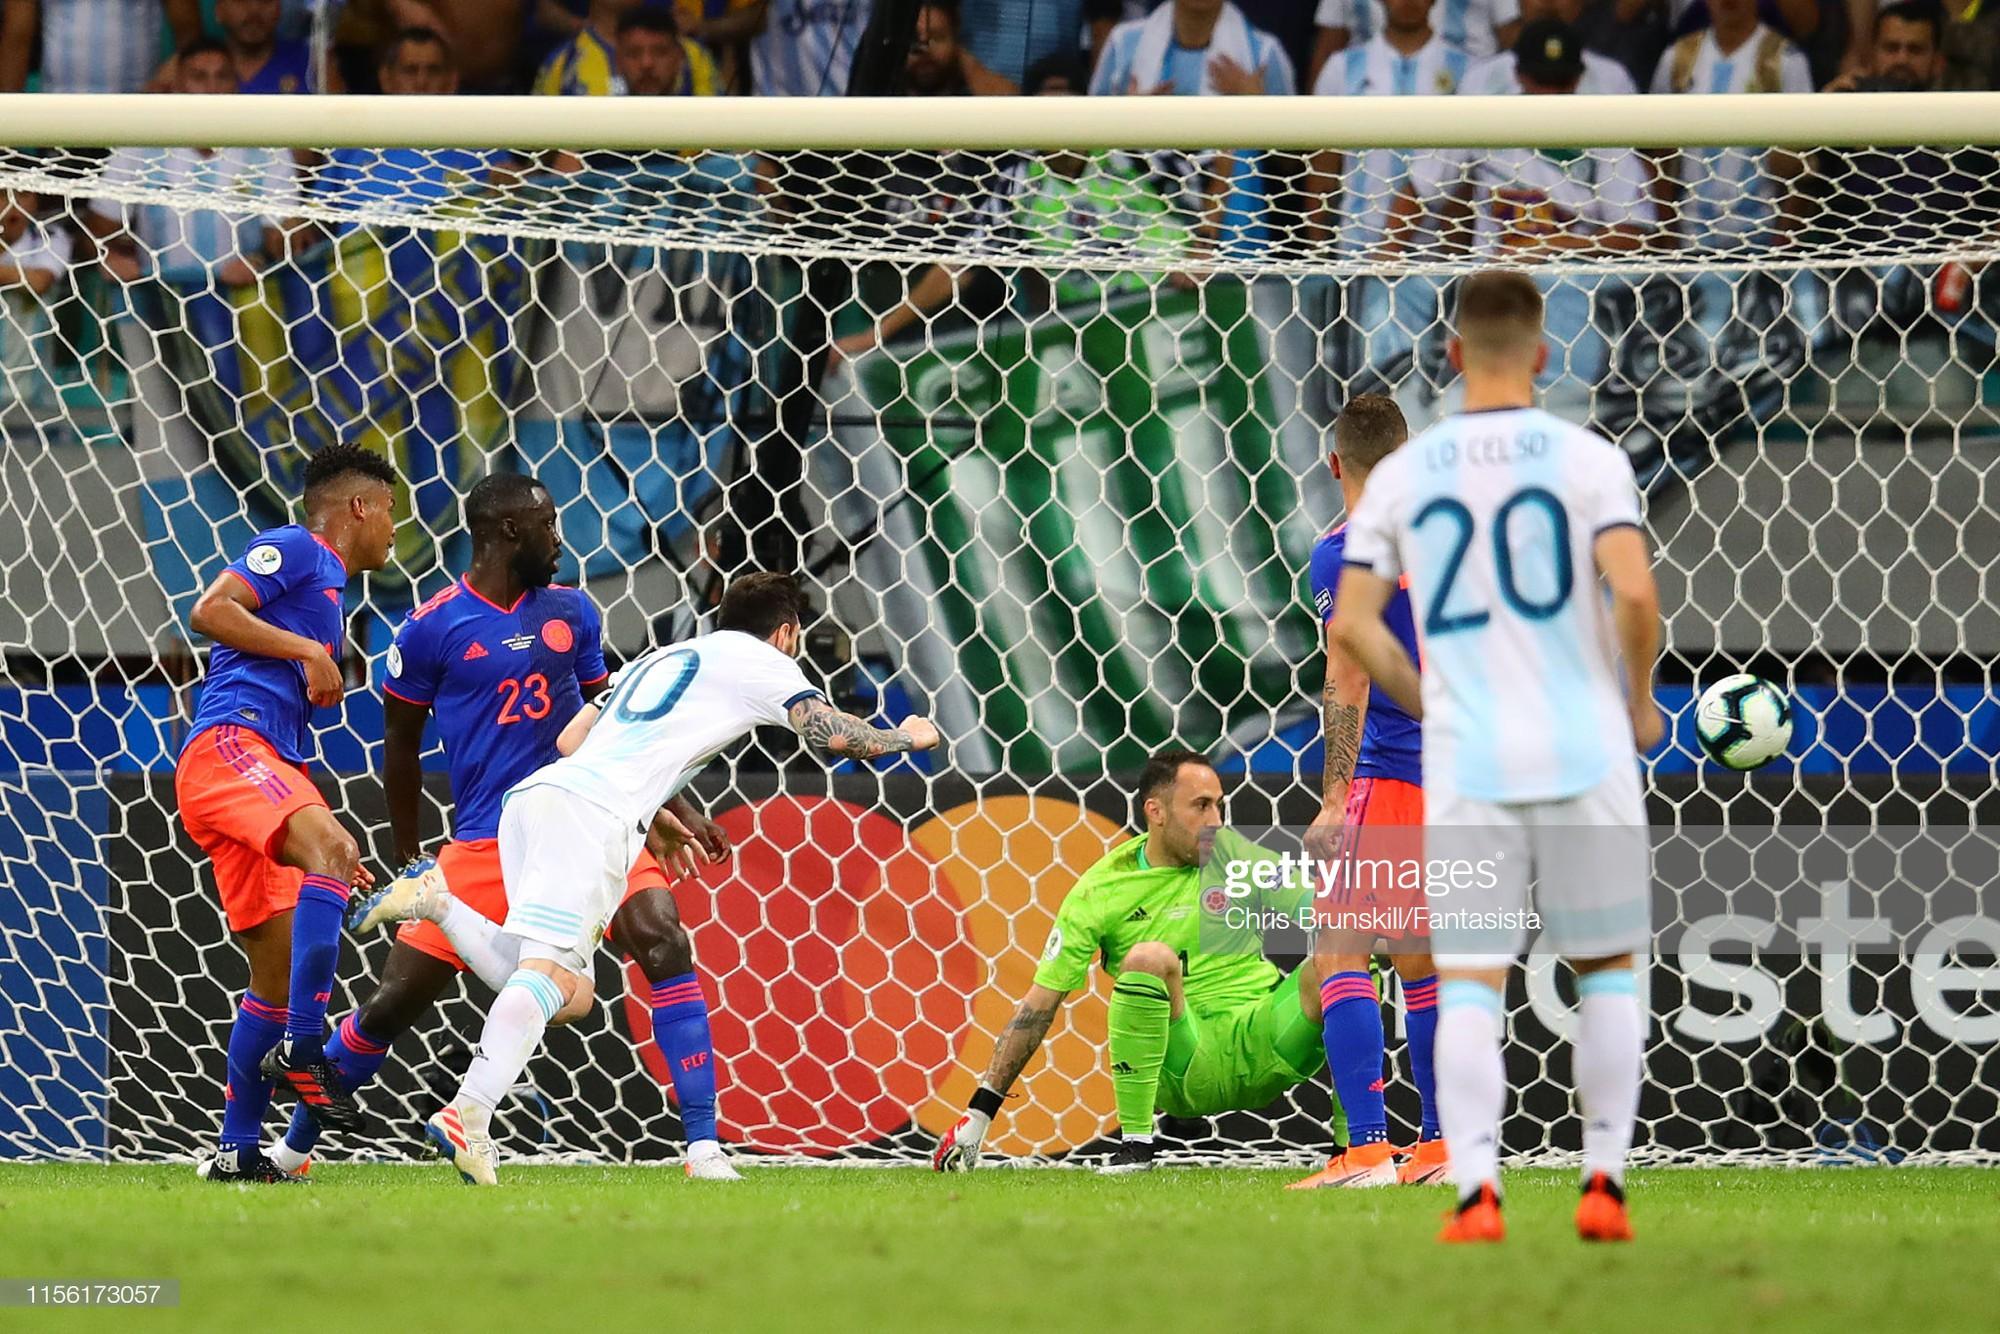 Messi mờ nhạt, Argentina nhận thất bại tủi hổ ở trận ra quân Copa America - Ảnh 5.